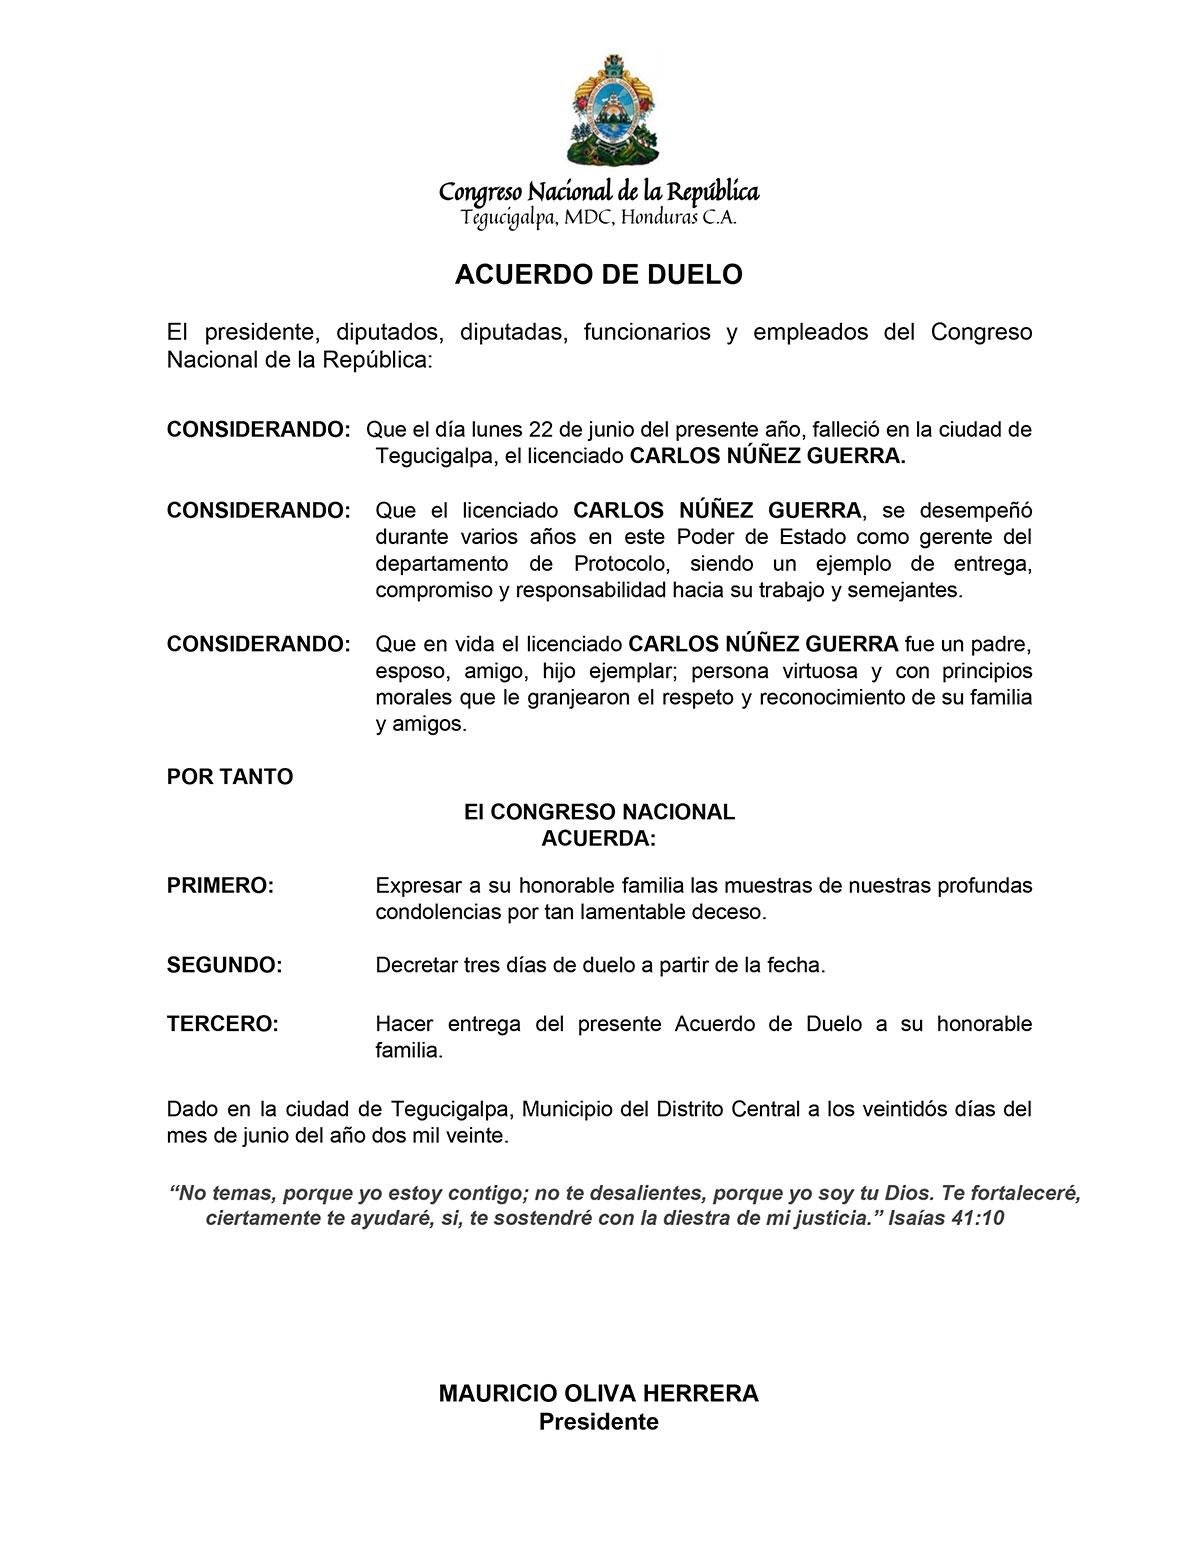 Fallece jefe de protocolo del CN